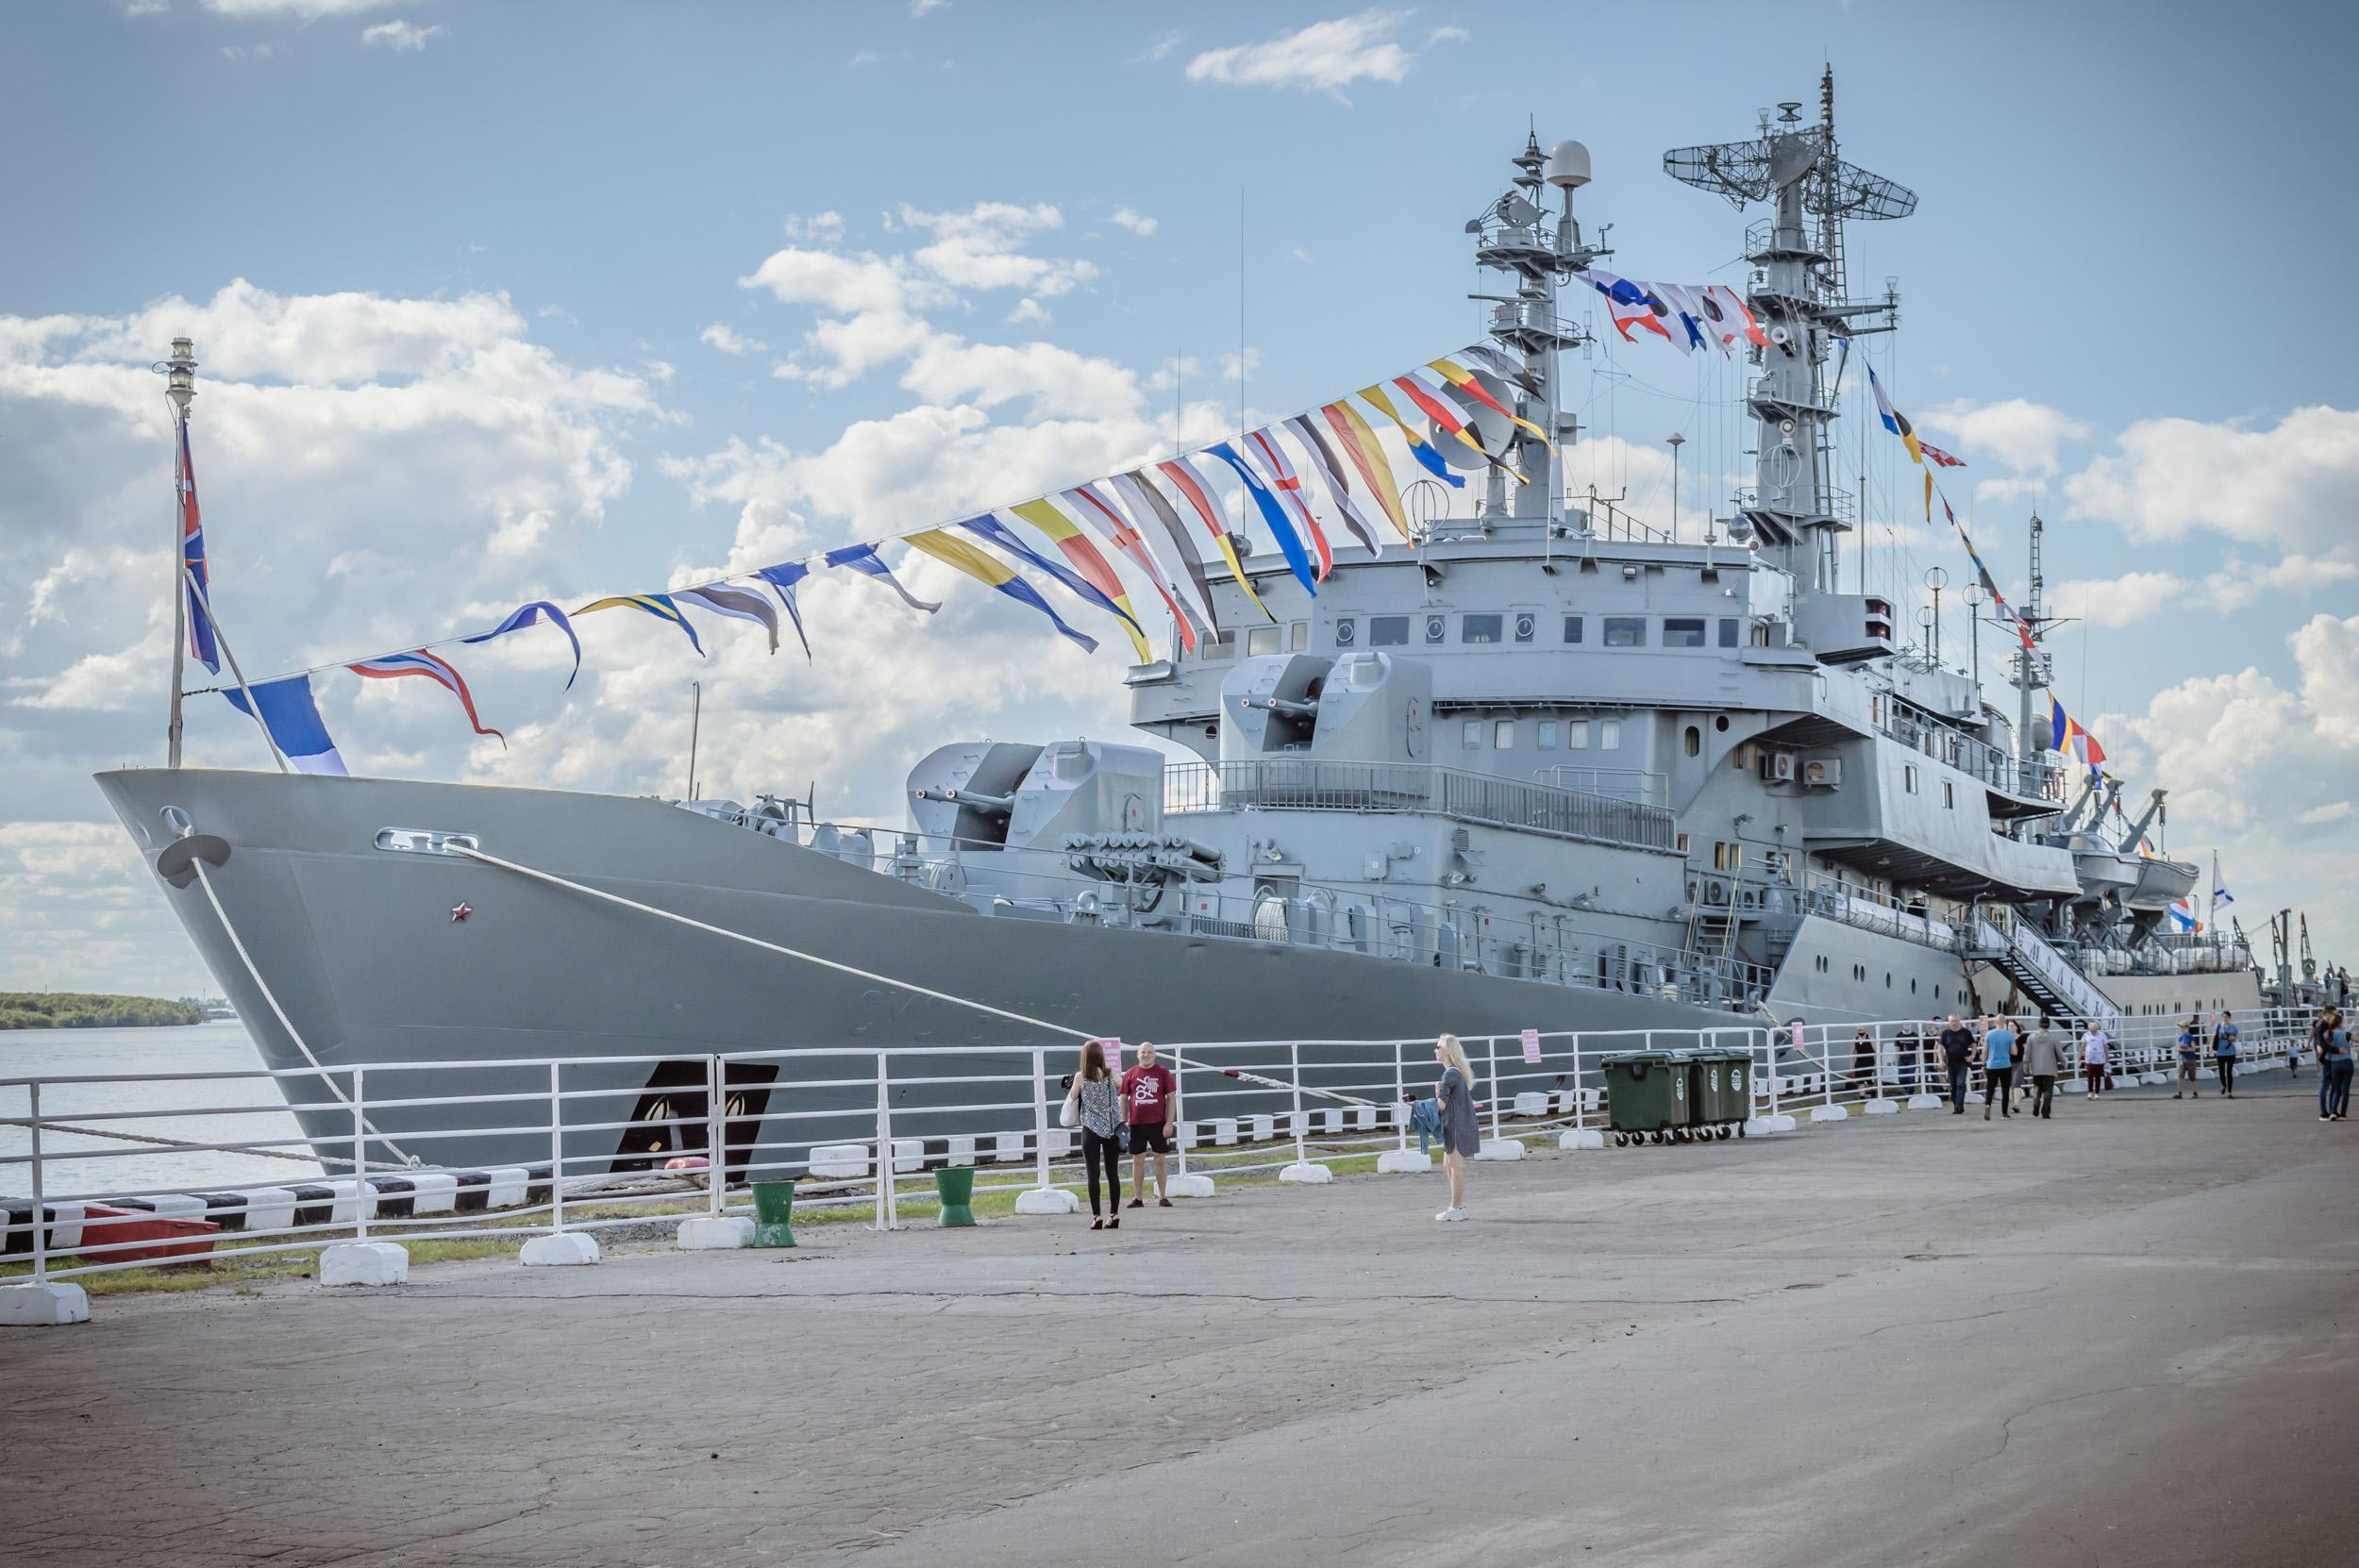 самый большой учебный корабль Военно-Морского Флота «Смольный».